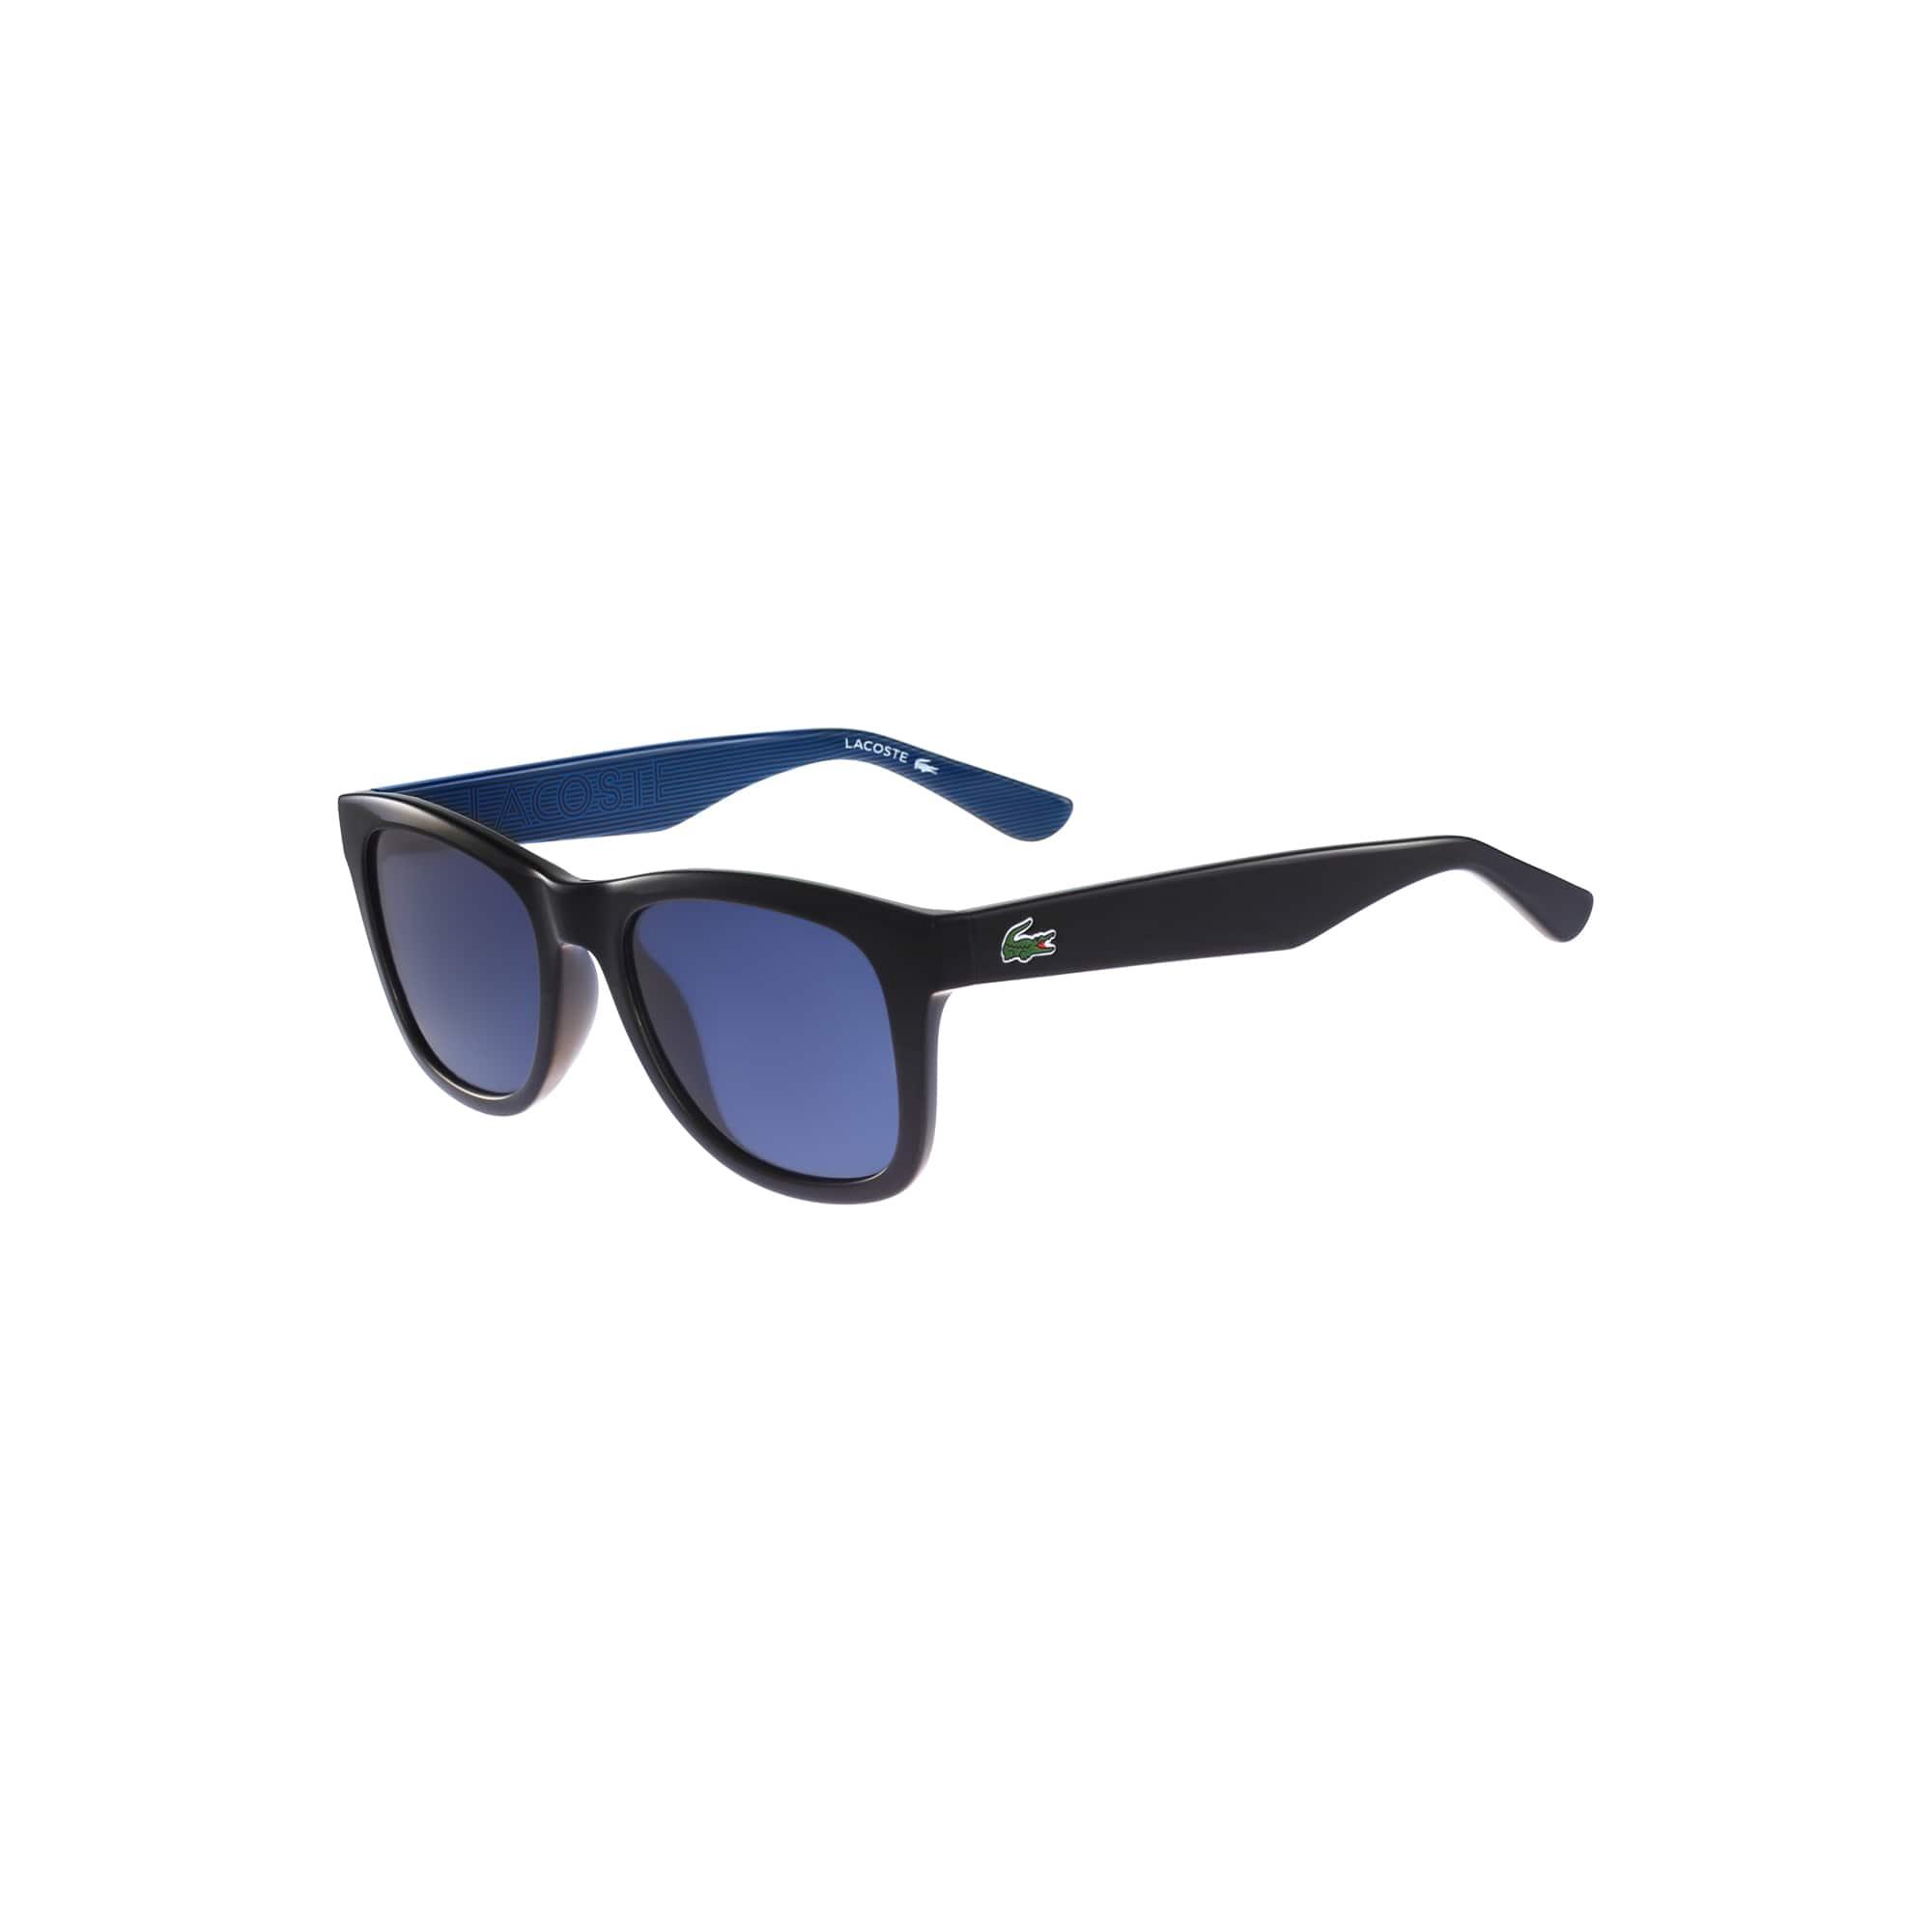 Sunglasses LiVE